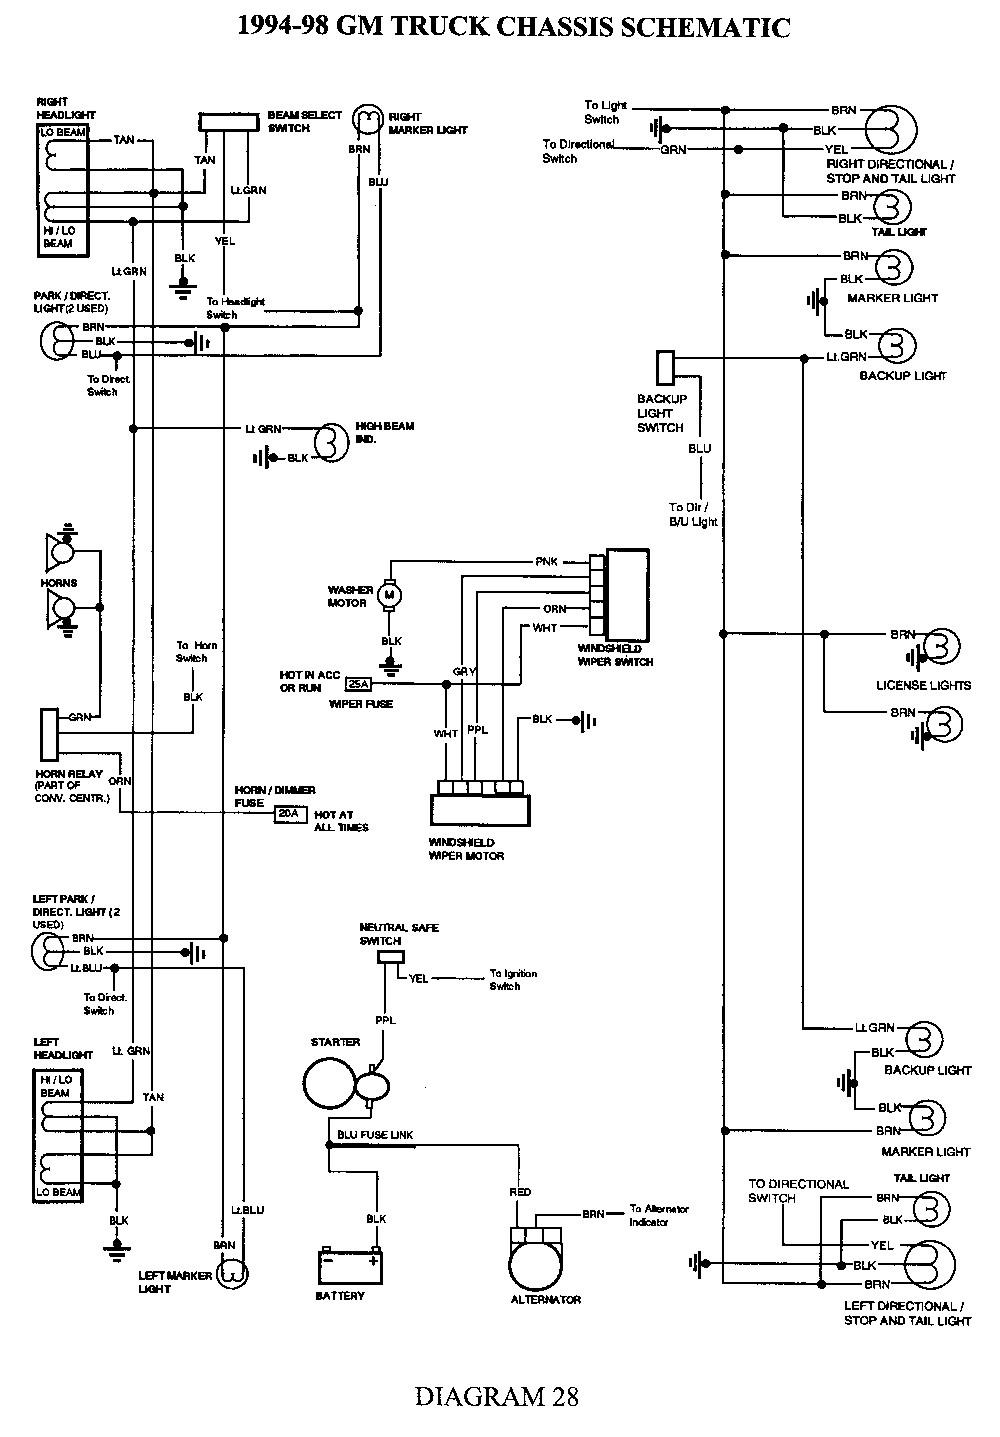 1983 jeep scrambler wiring diagram motorjdi org rh motorjdi org